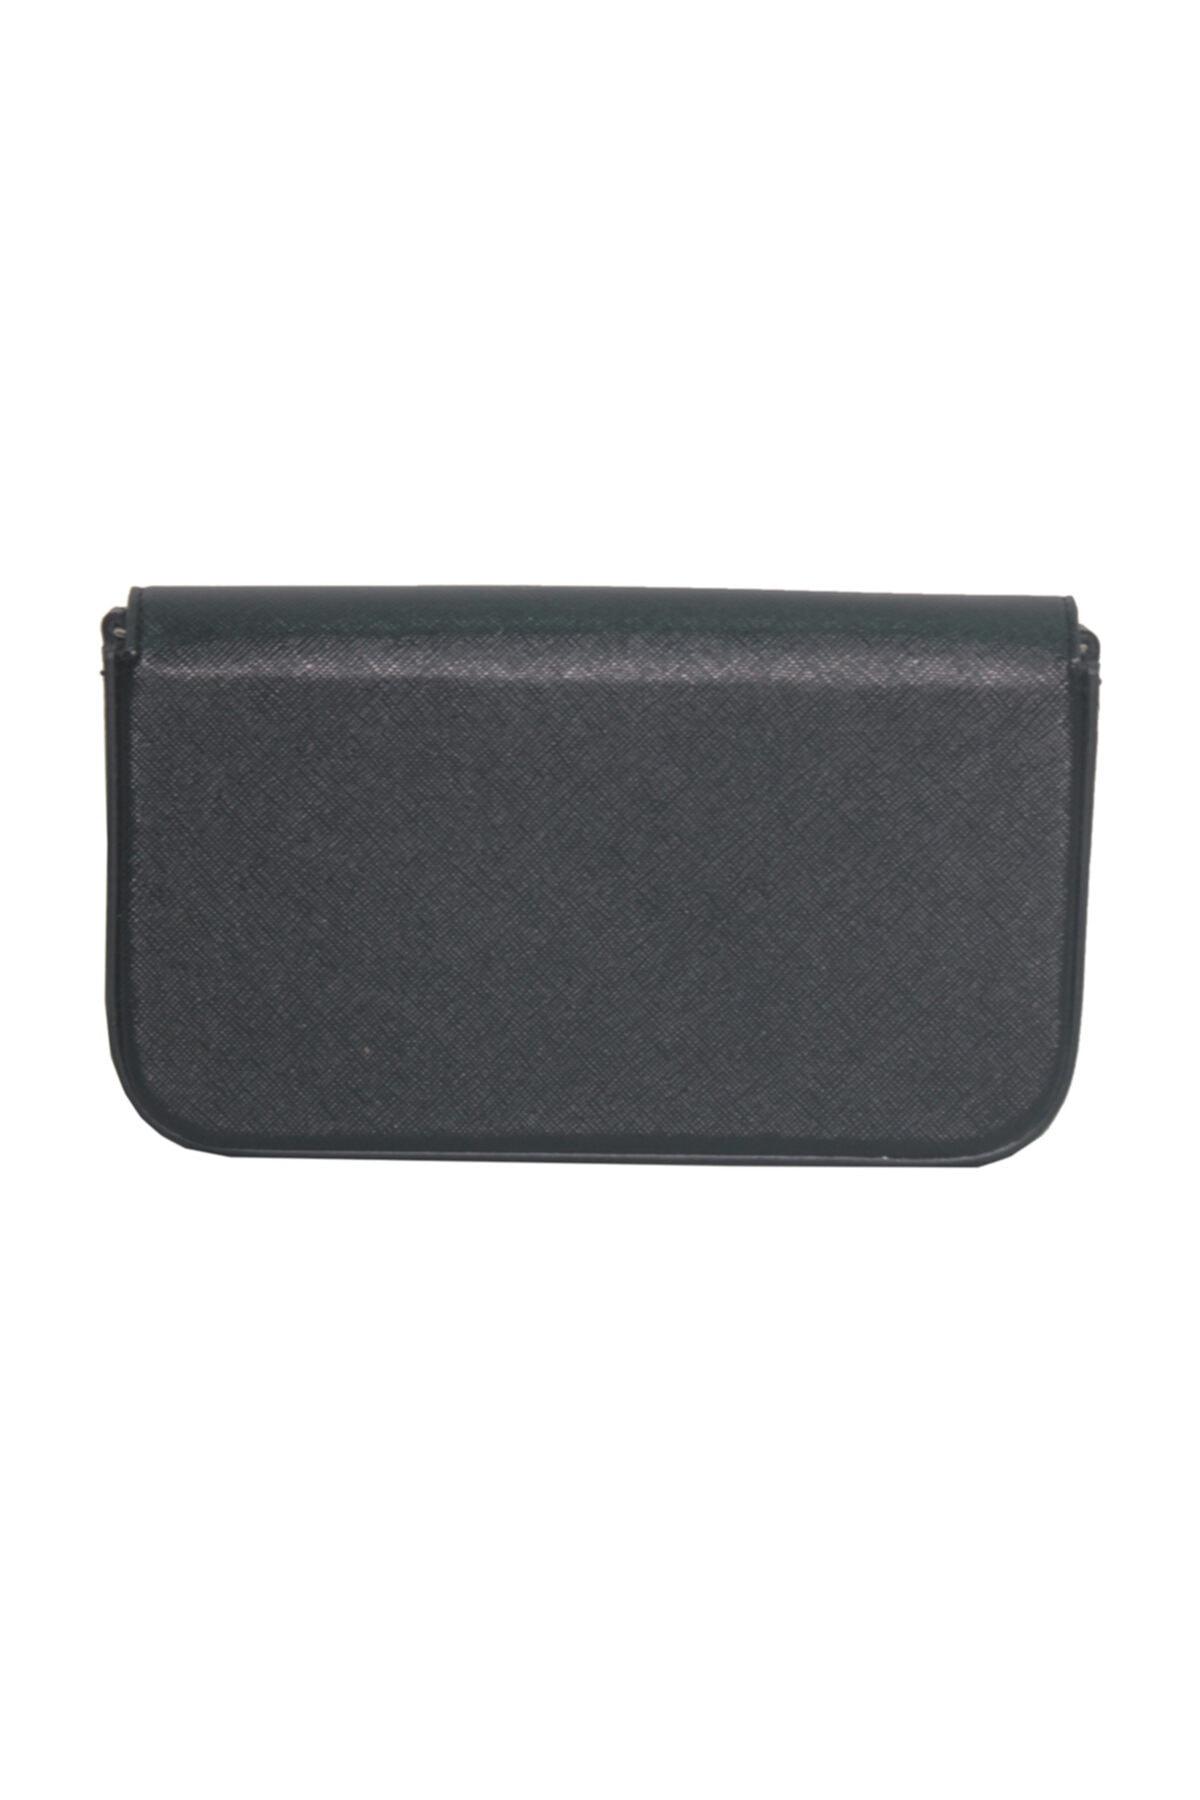 Dama Stile Kadın Siyah Clutch Çanta 2